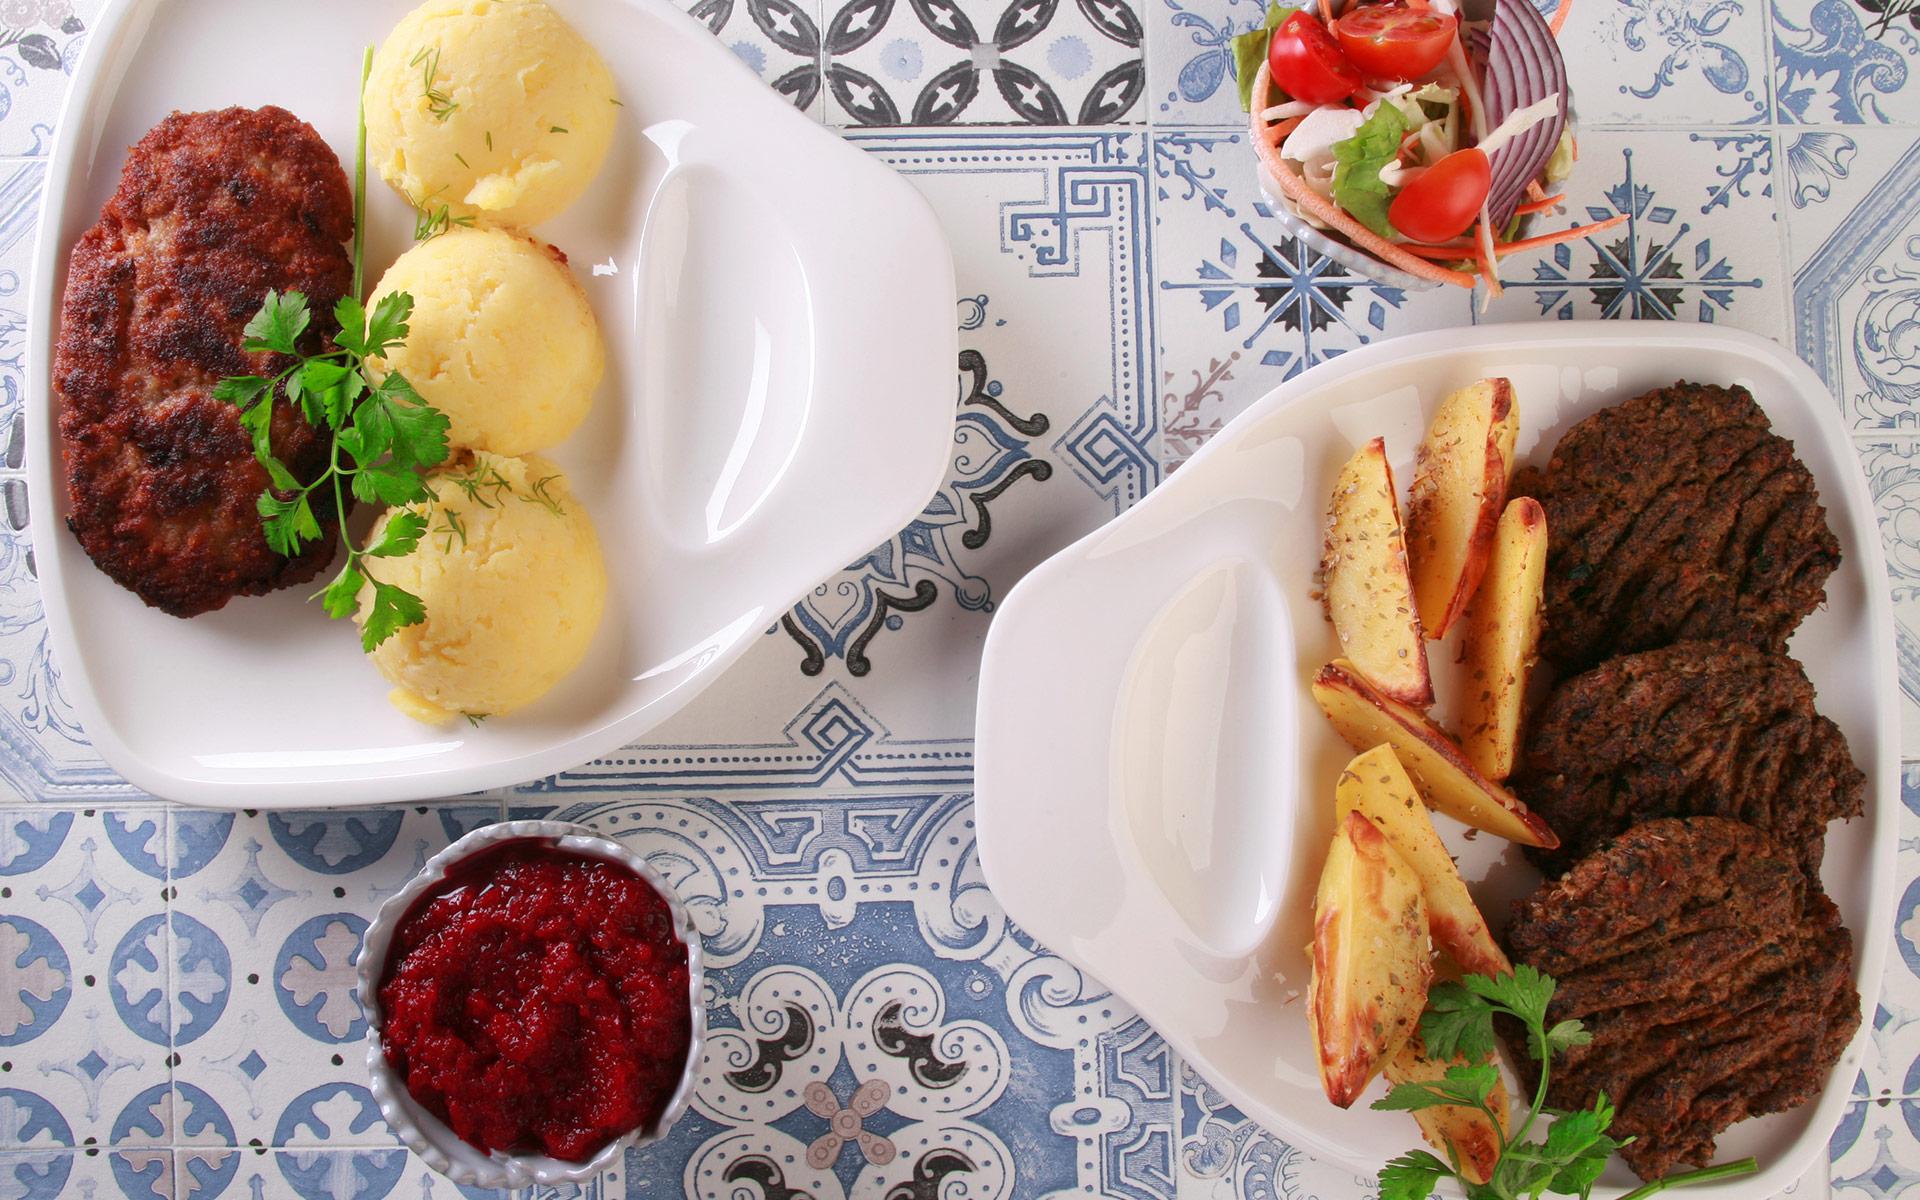 Kotleciki z tofu i pieczarek z pieczonymi ziemniakami i buraczkami vs. Kotlety mielone z ziemniakami z dodatkiem masła i buraczkami